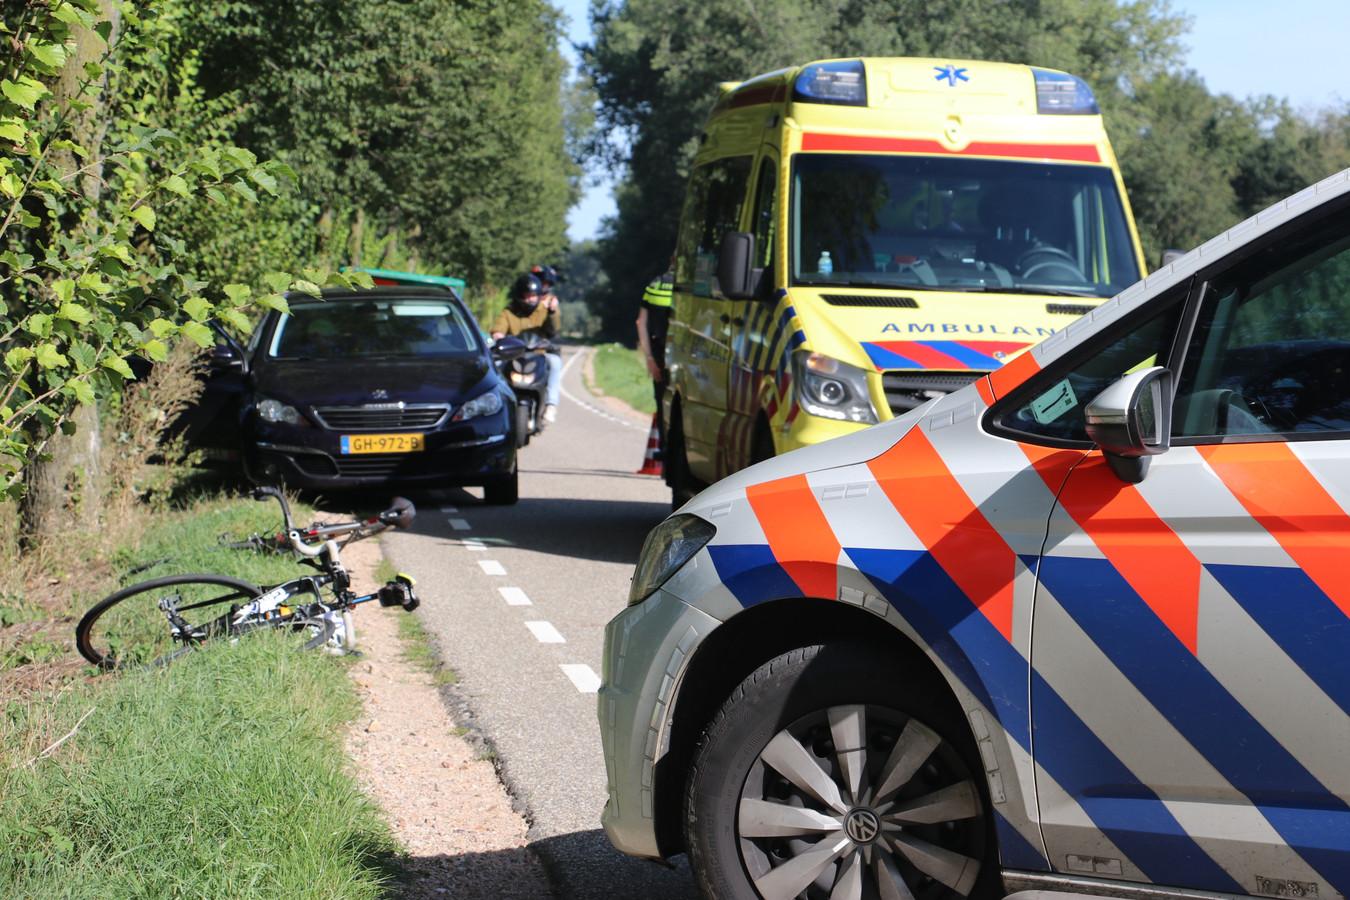 De racefiets van het slachtoffer ligt in de berm van de Zeedijk in Culemborg.